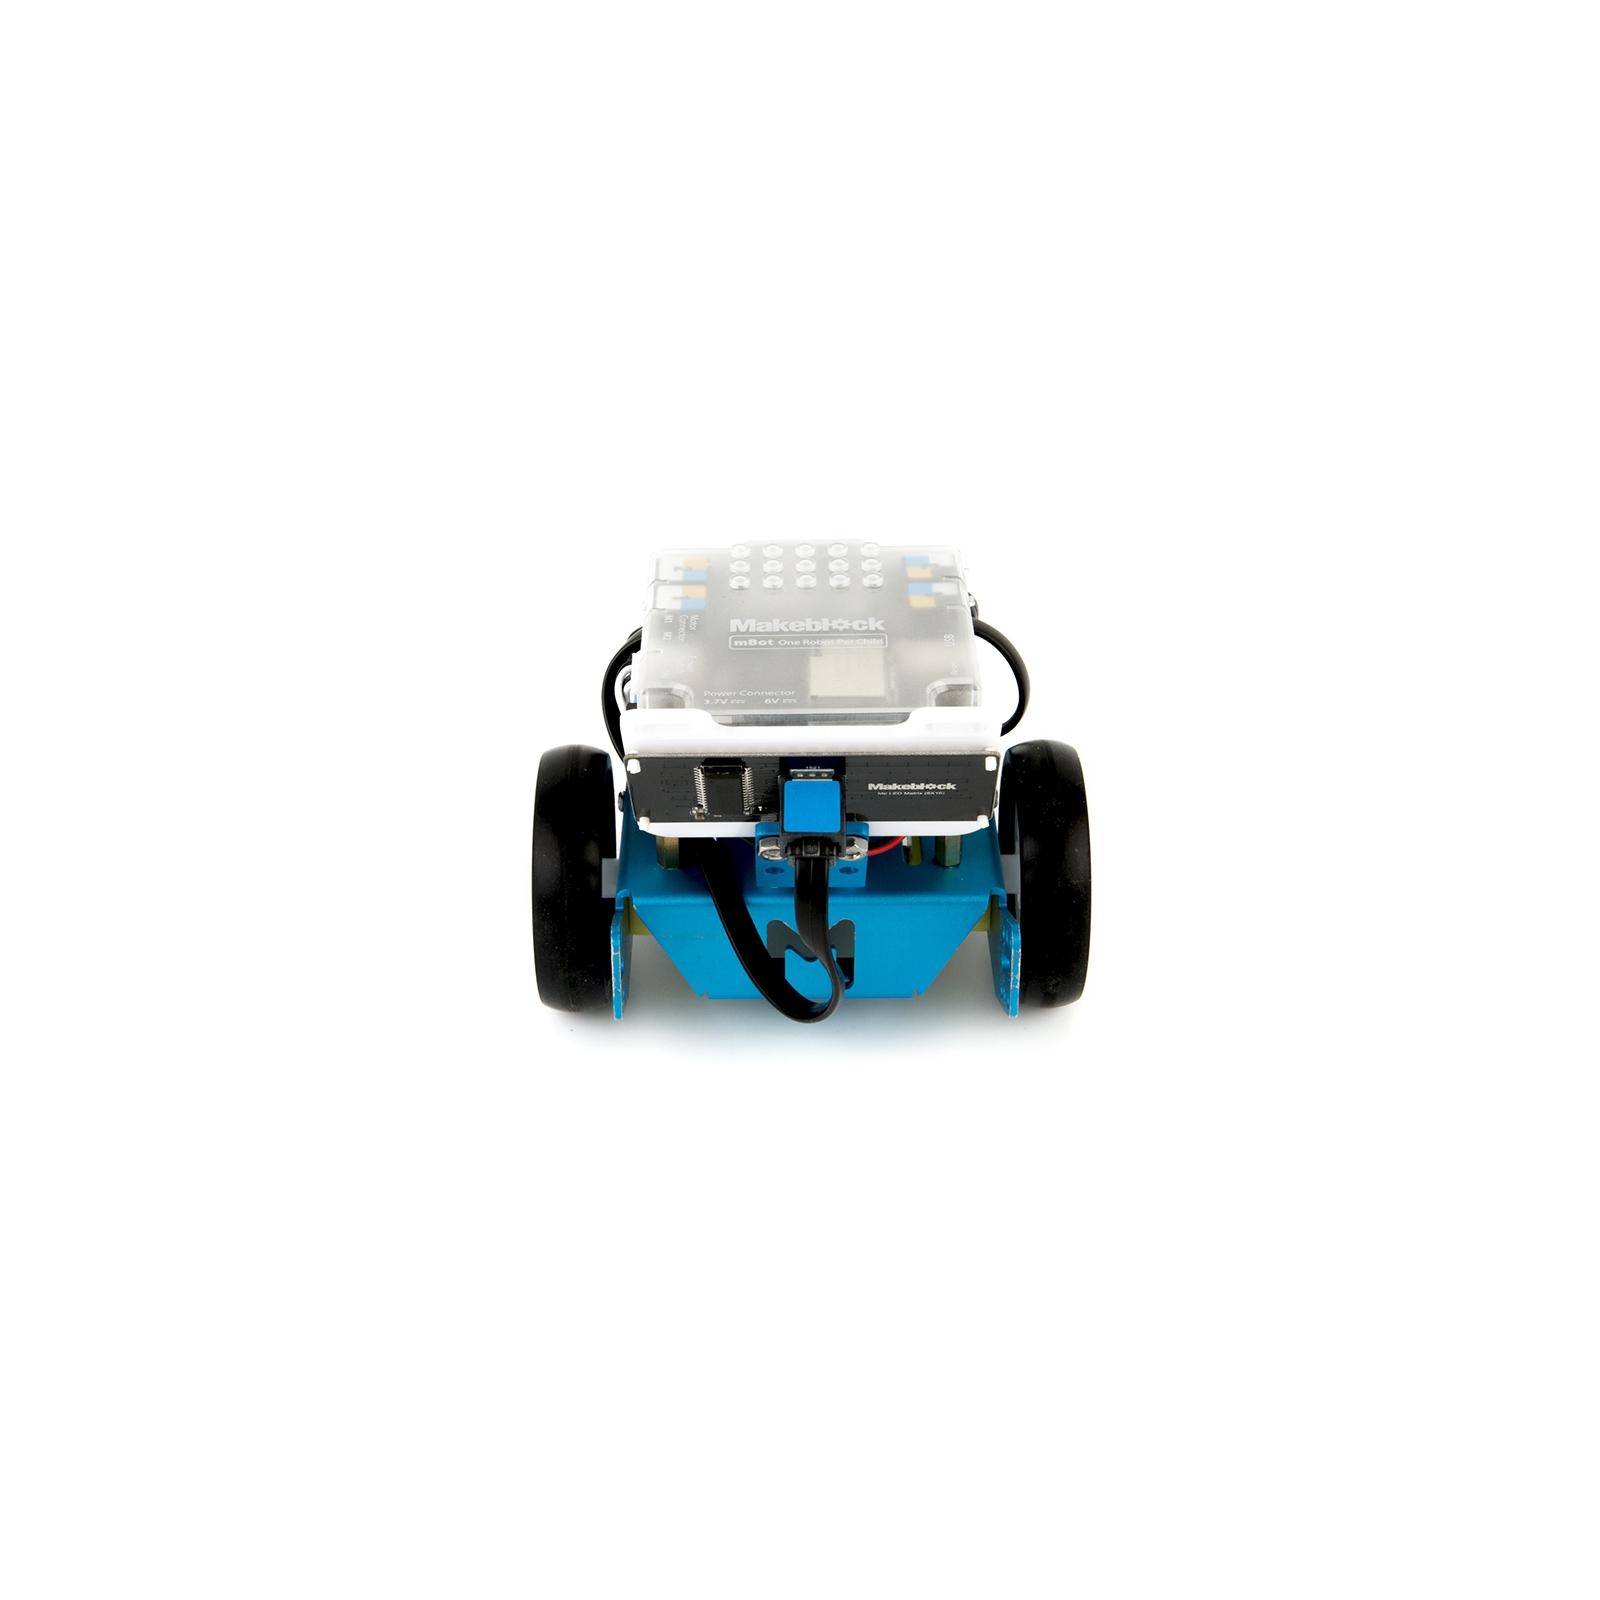 Робот Makeblock mBot S (P1010045) изображение 9